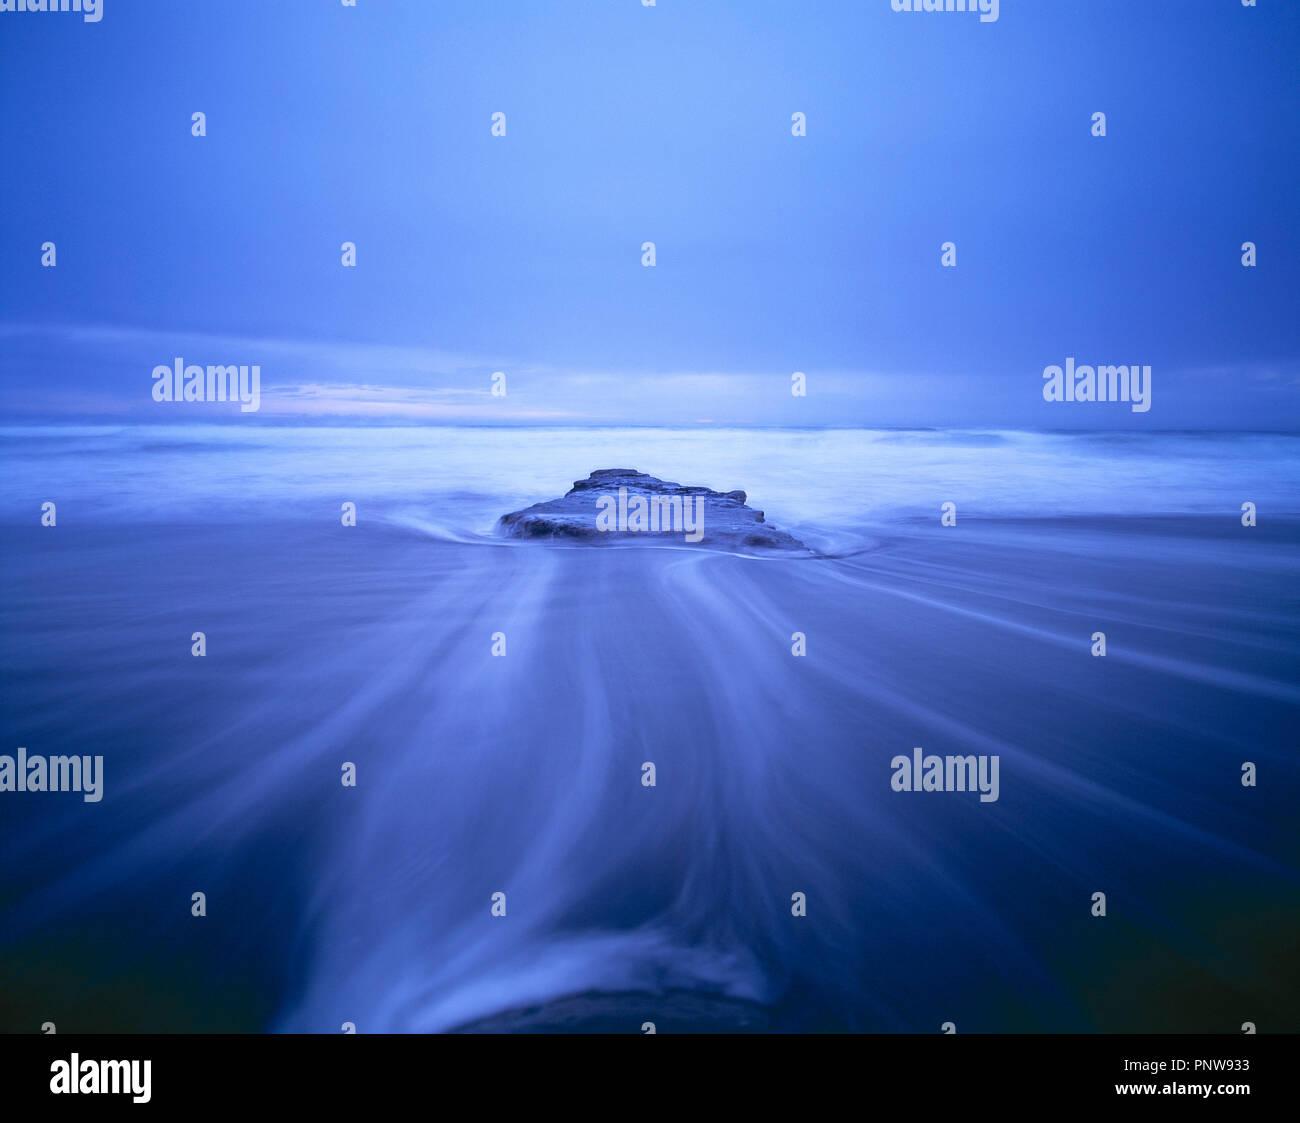 Nueva Zelandia. El norte de la isla. Costa. Azul atmosférica cerca de marejada agua arremolinándose alrededor del rock. Imagen De Stock